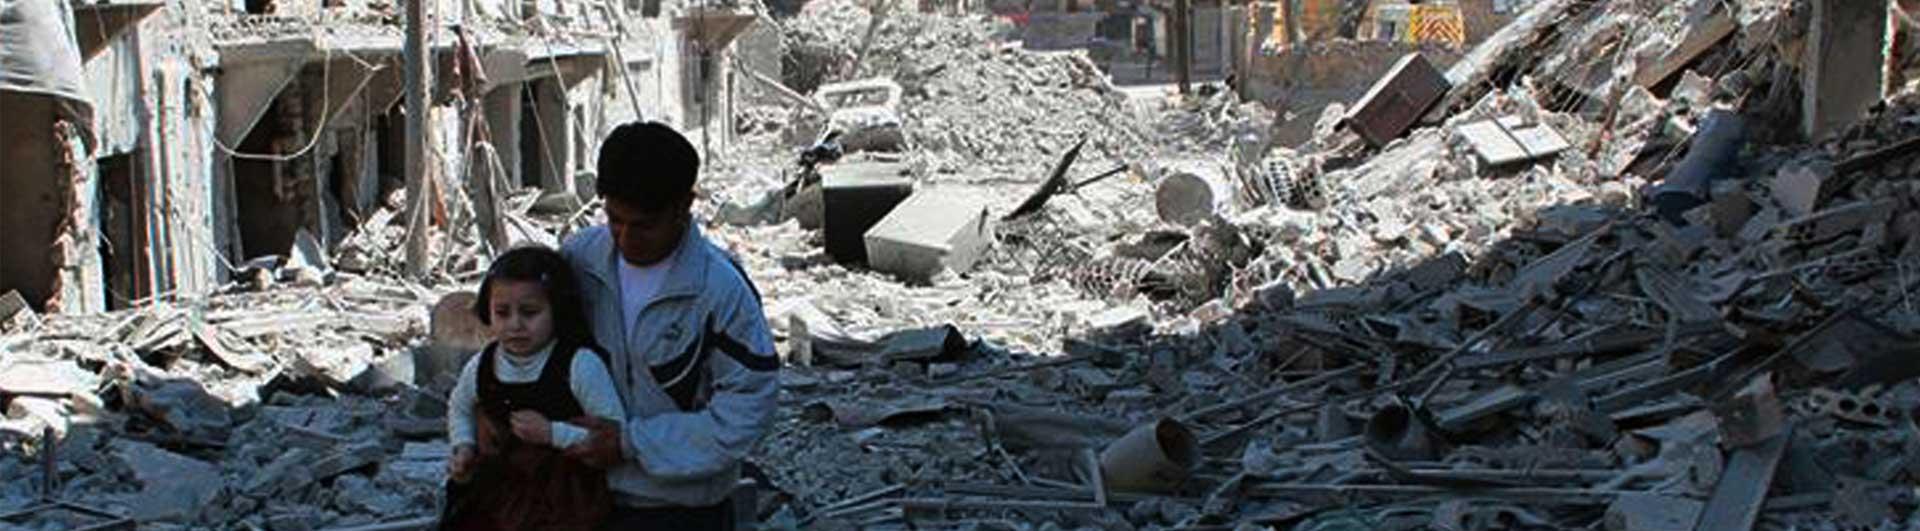 سه اپیزود از حلب (بعد از جنگ)